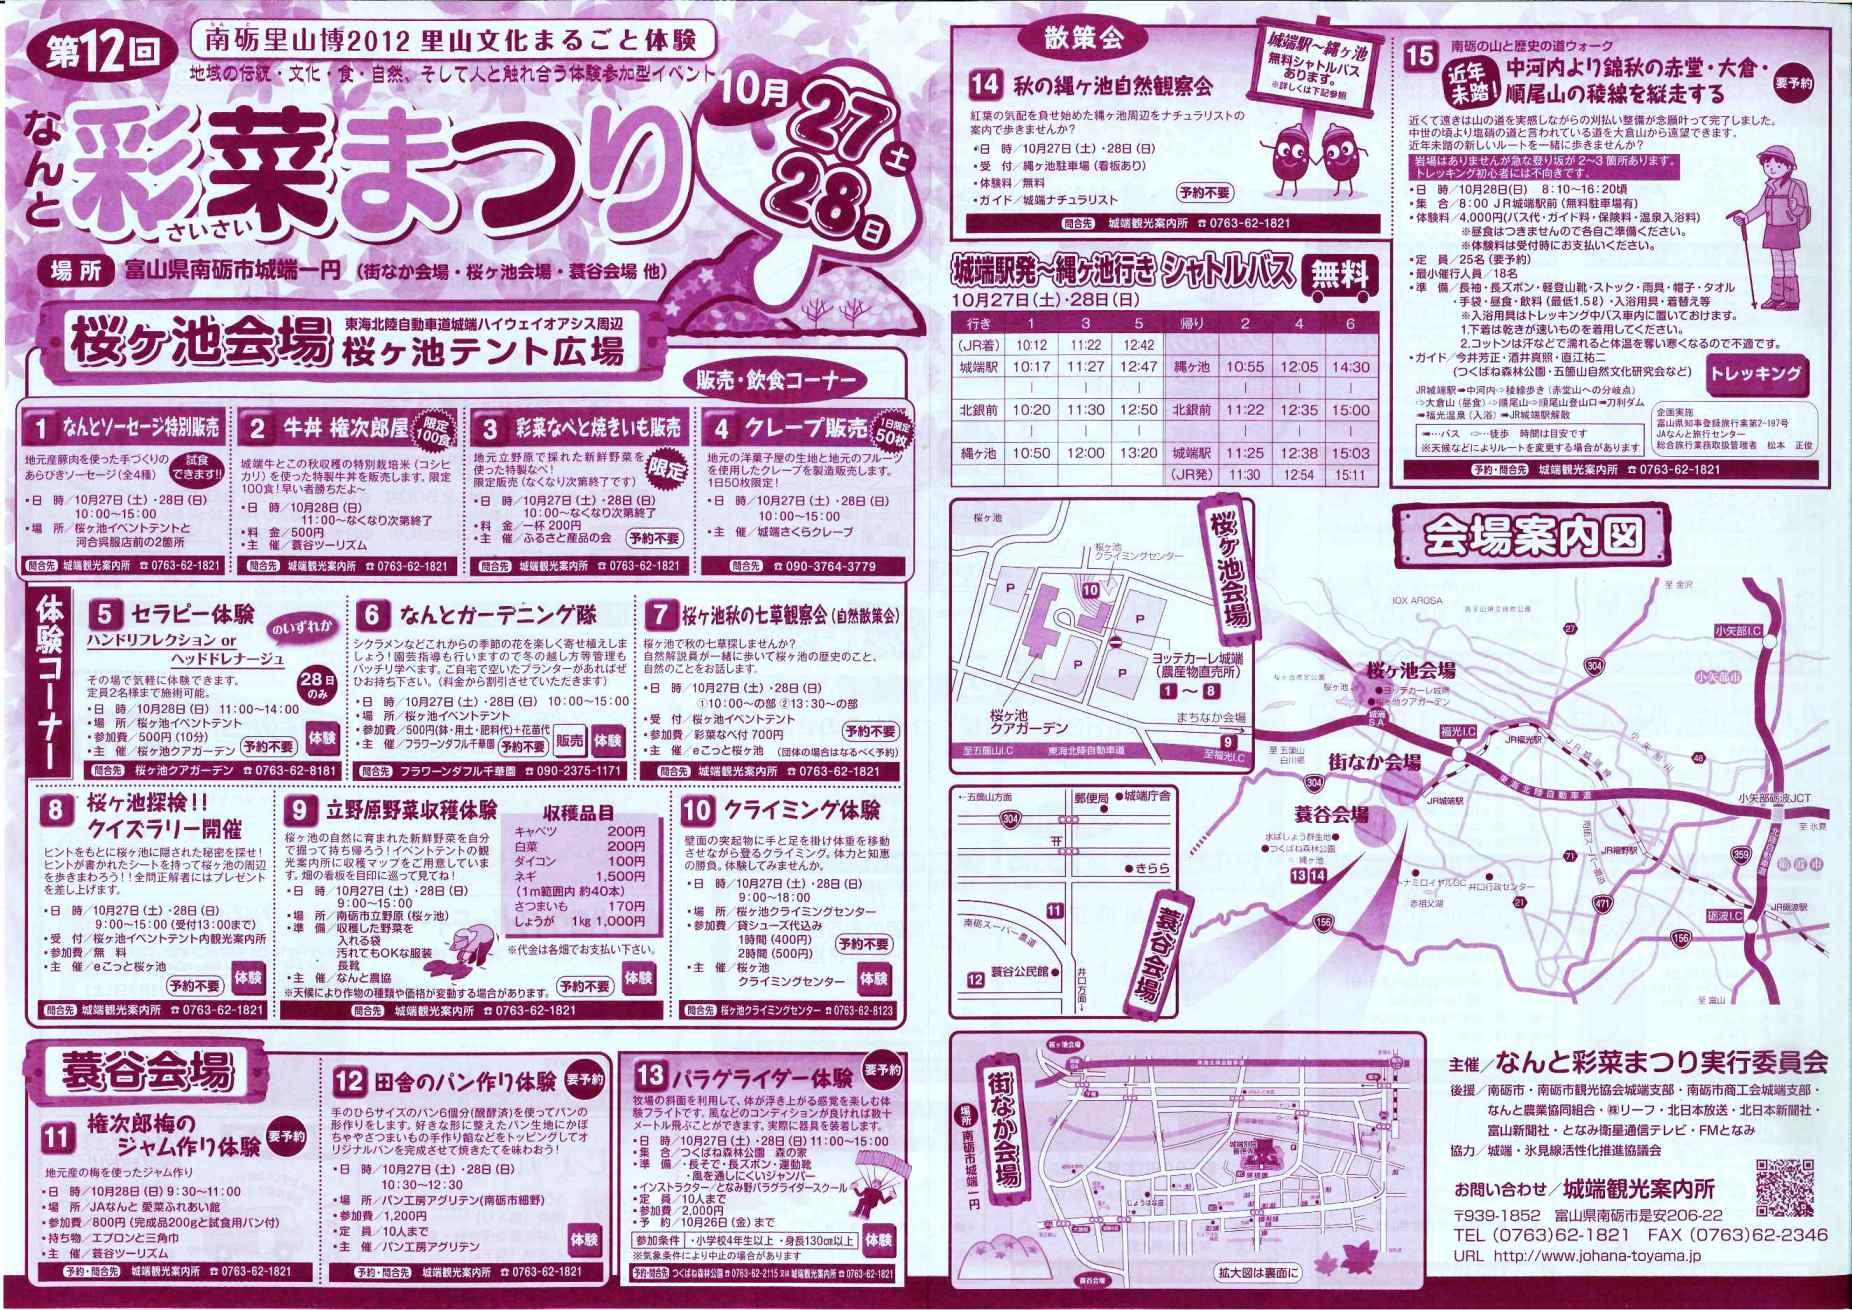 20121025104350687_0001.jpg